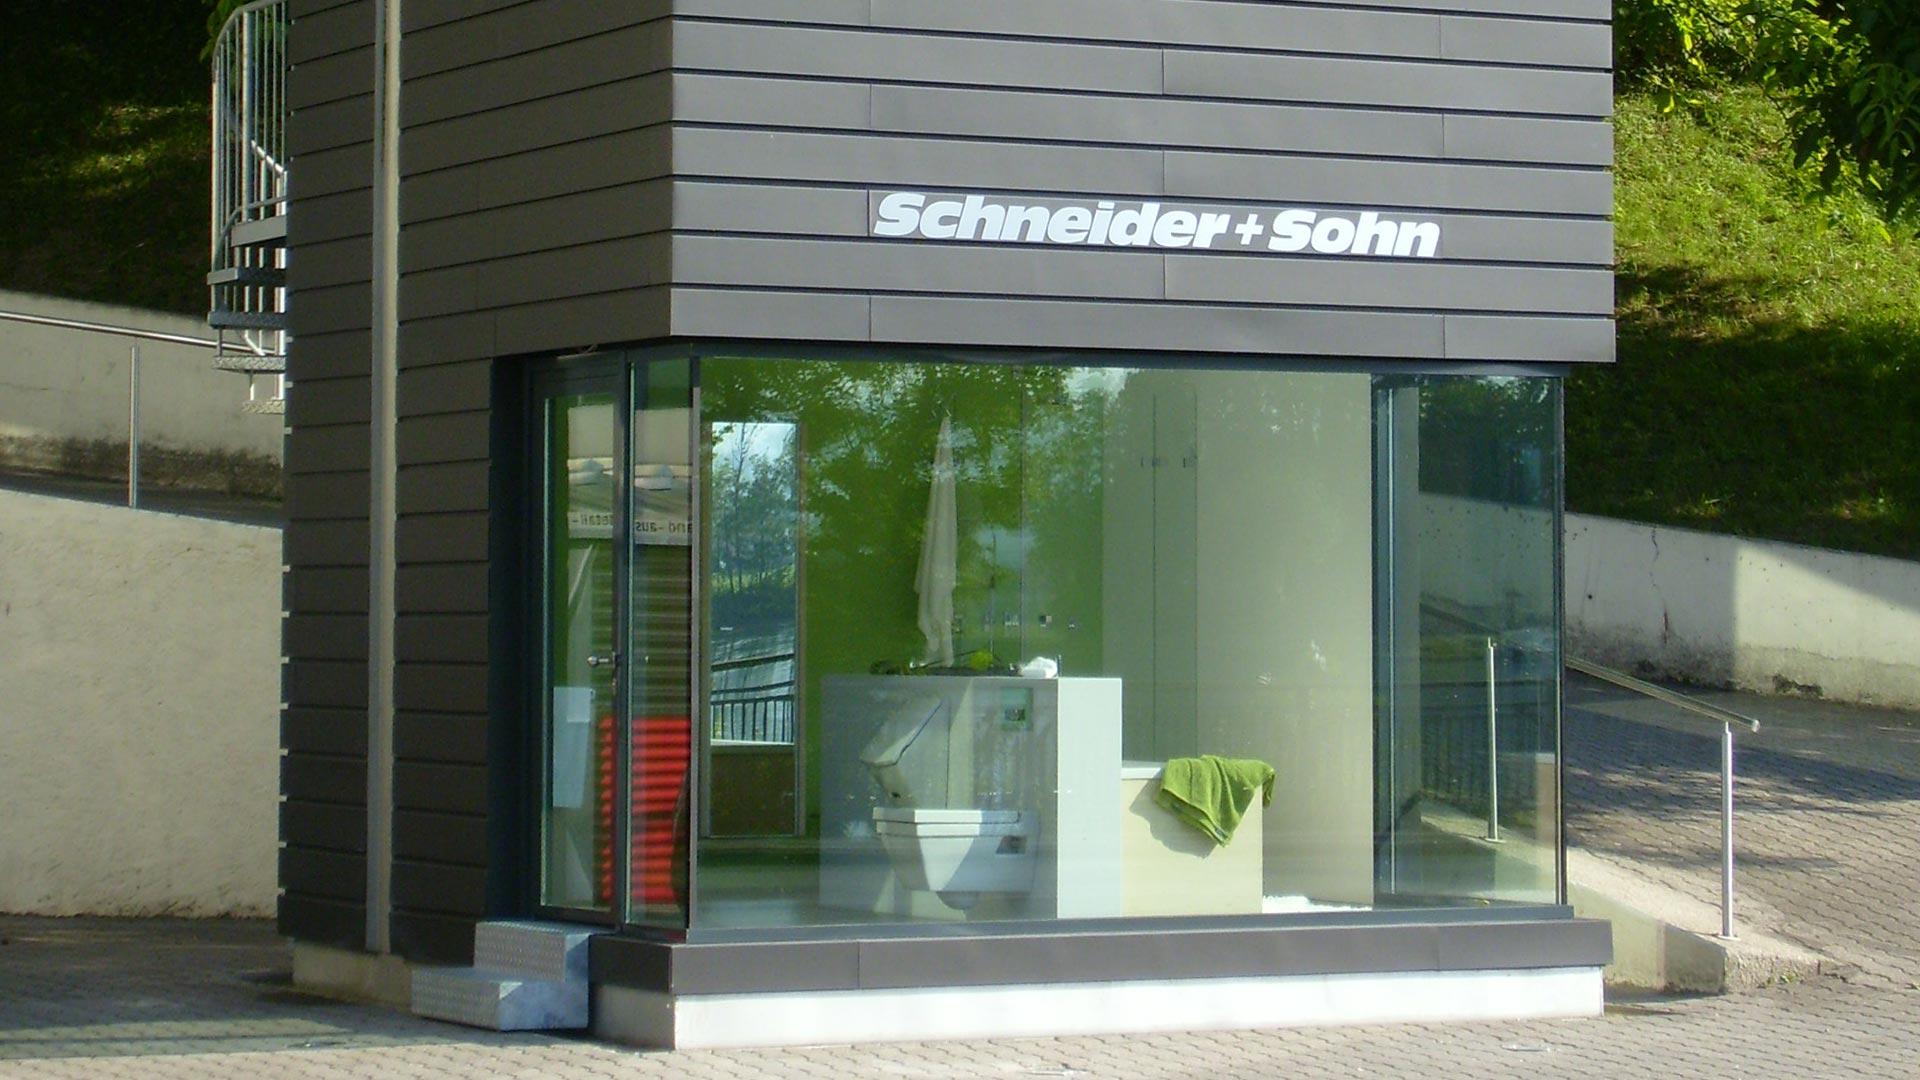 Schneider & Sohn